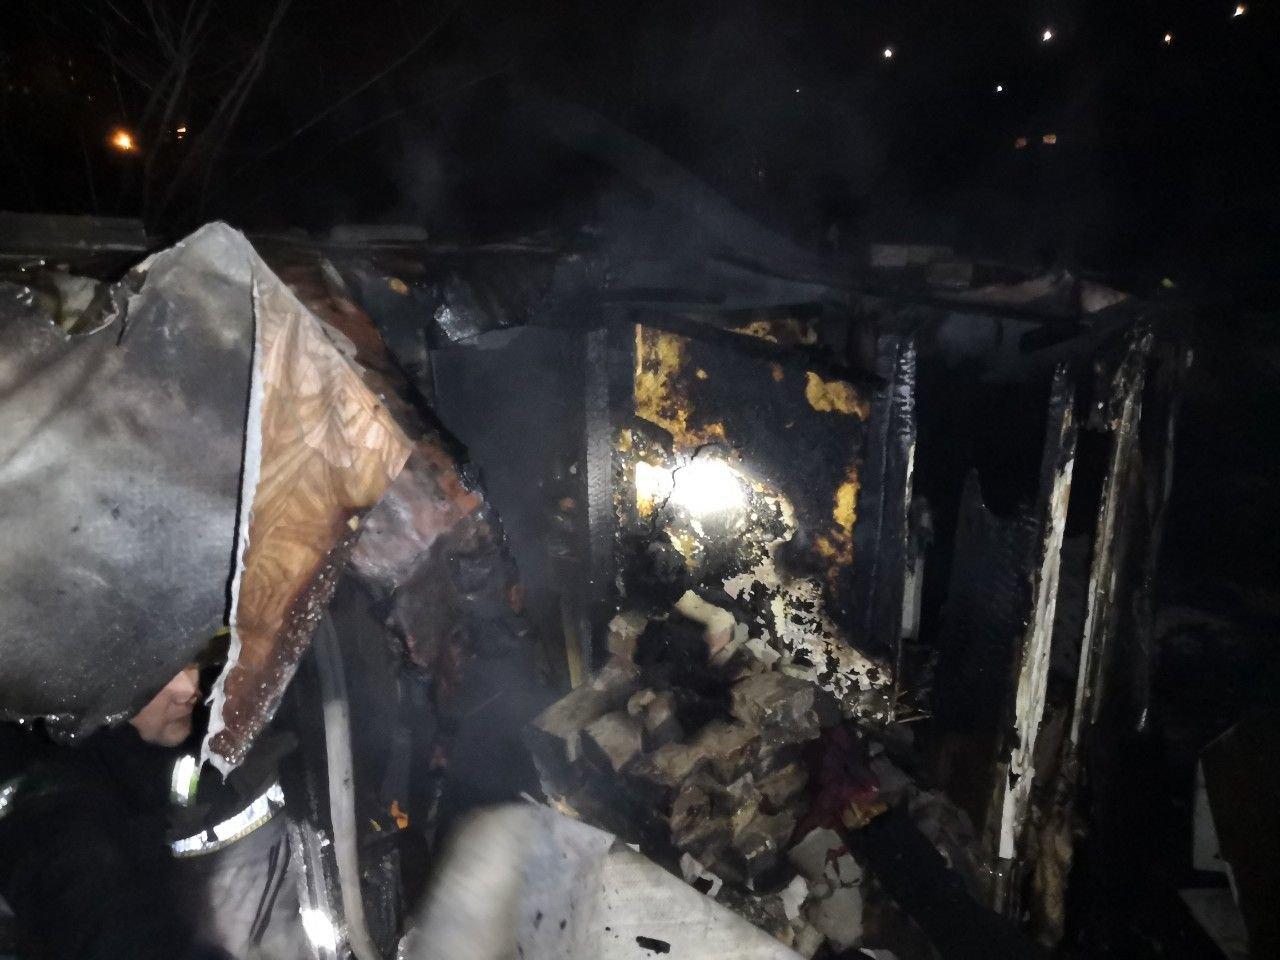 В Кривом Роге вечером 2 января полностью сгорела пристройка к дому, - ФОТО, фото-1